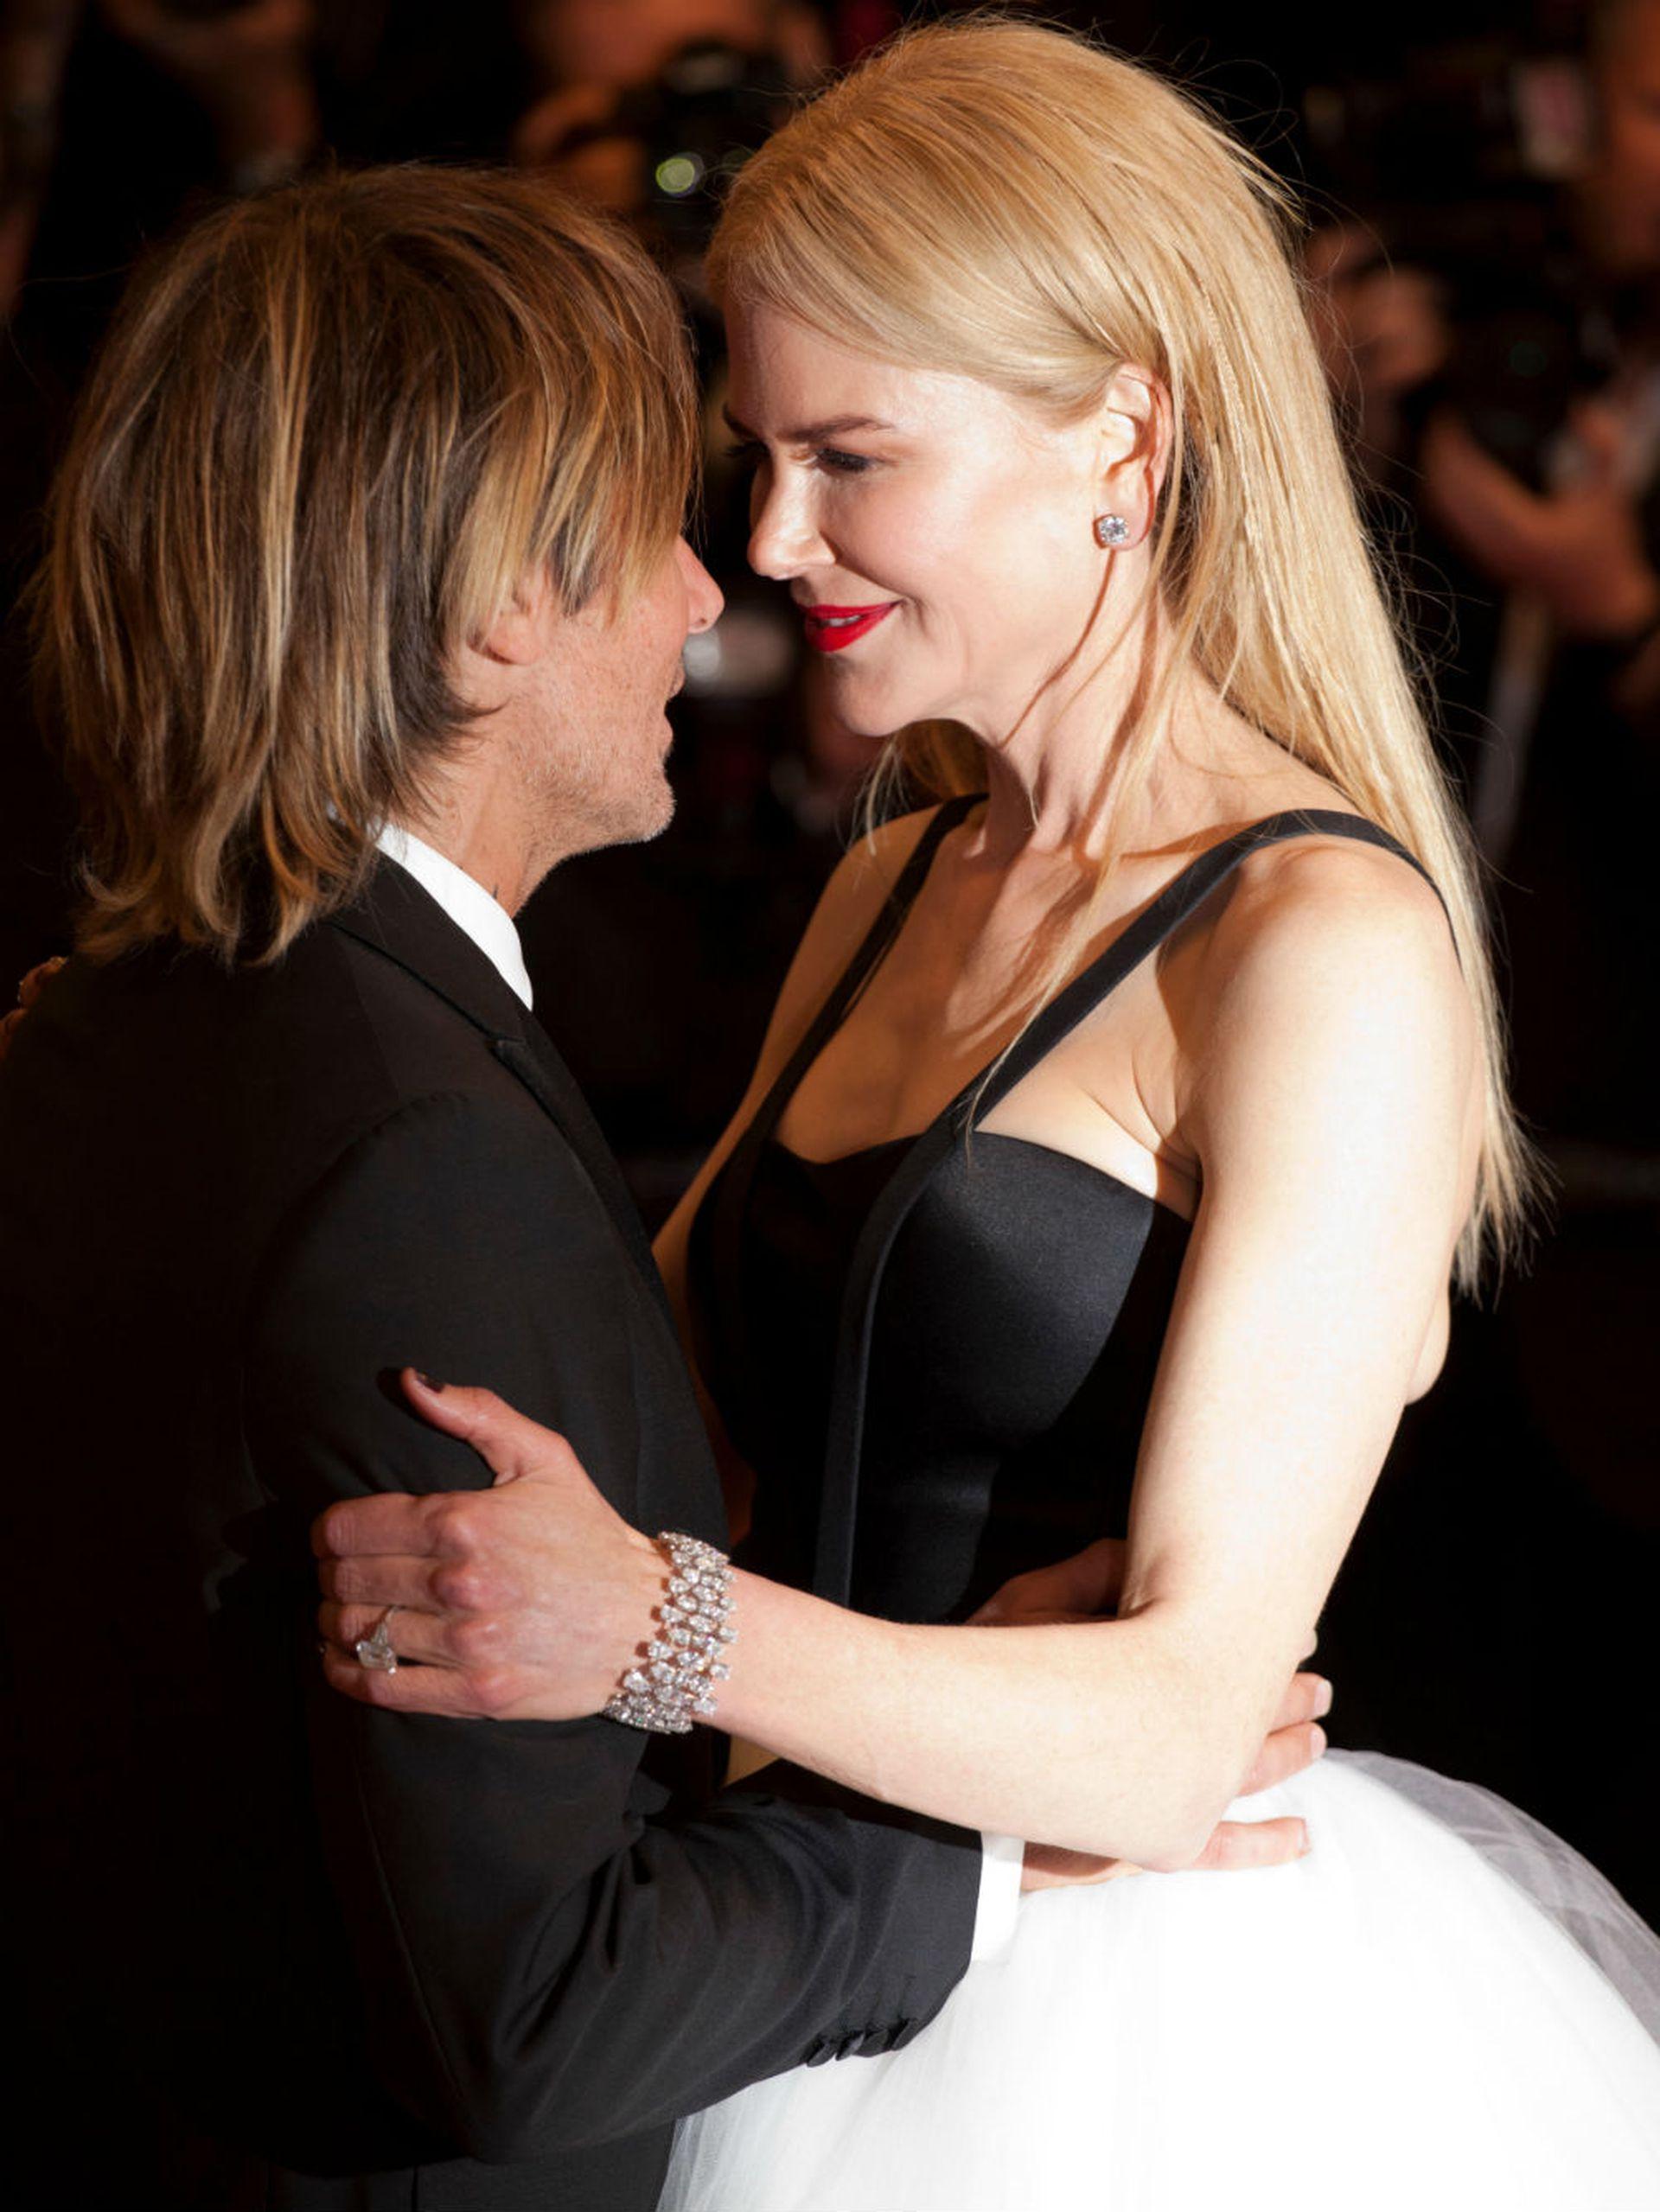 Nicole conoció a Keith en 2005 y se casó con él al año siguiente, en Sydney, Australia